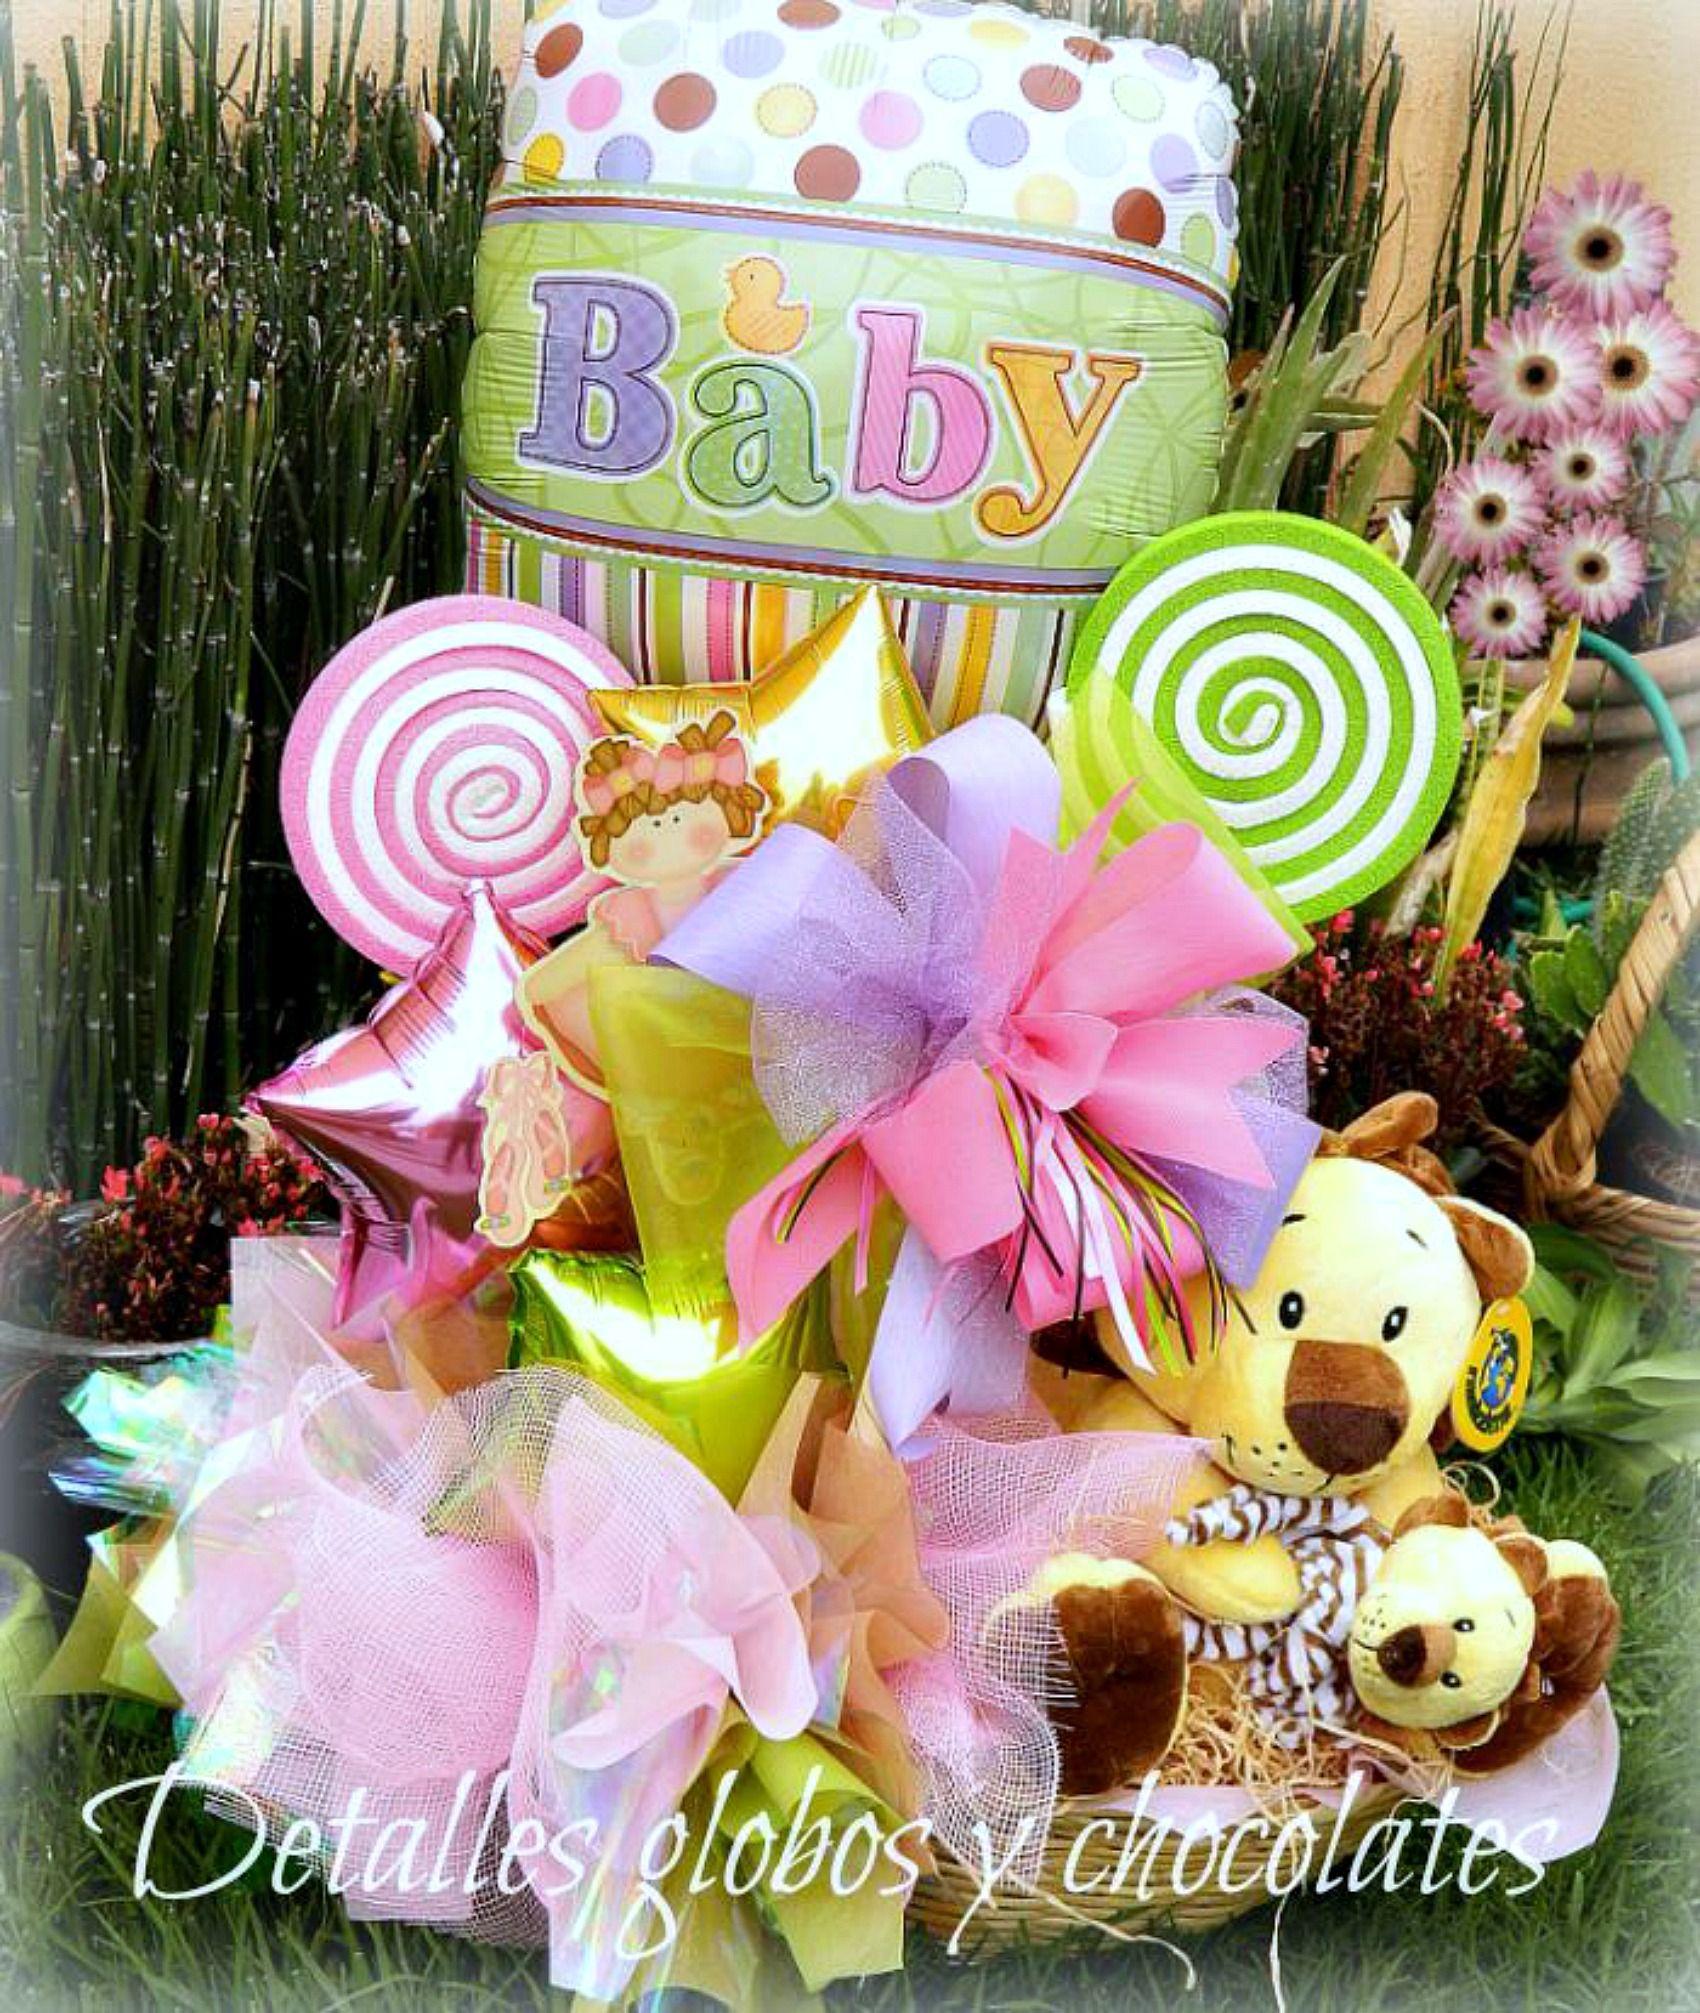 Adornos Para Mesa De Regalos De Baby Shower.Baby Shower Detalles Globos Y Chocolates Ramo De